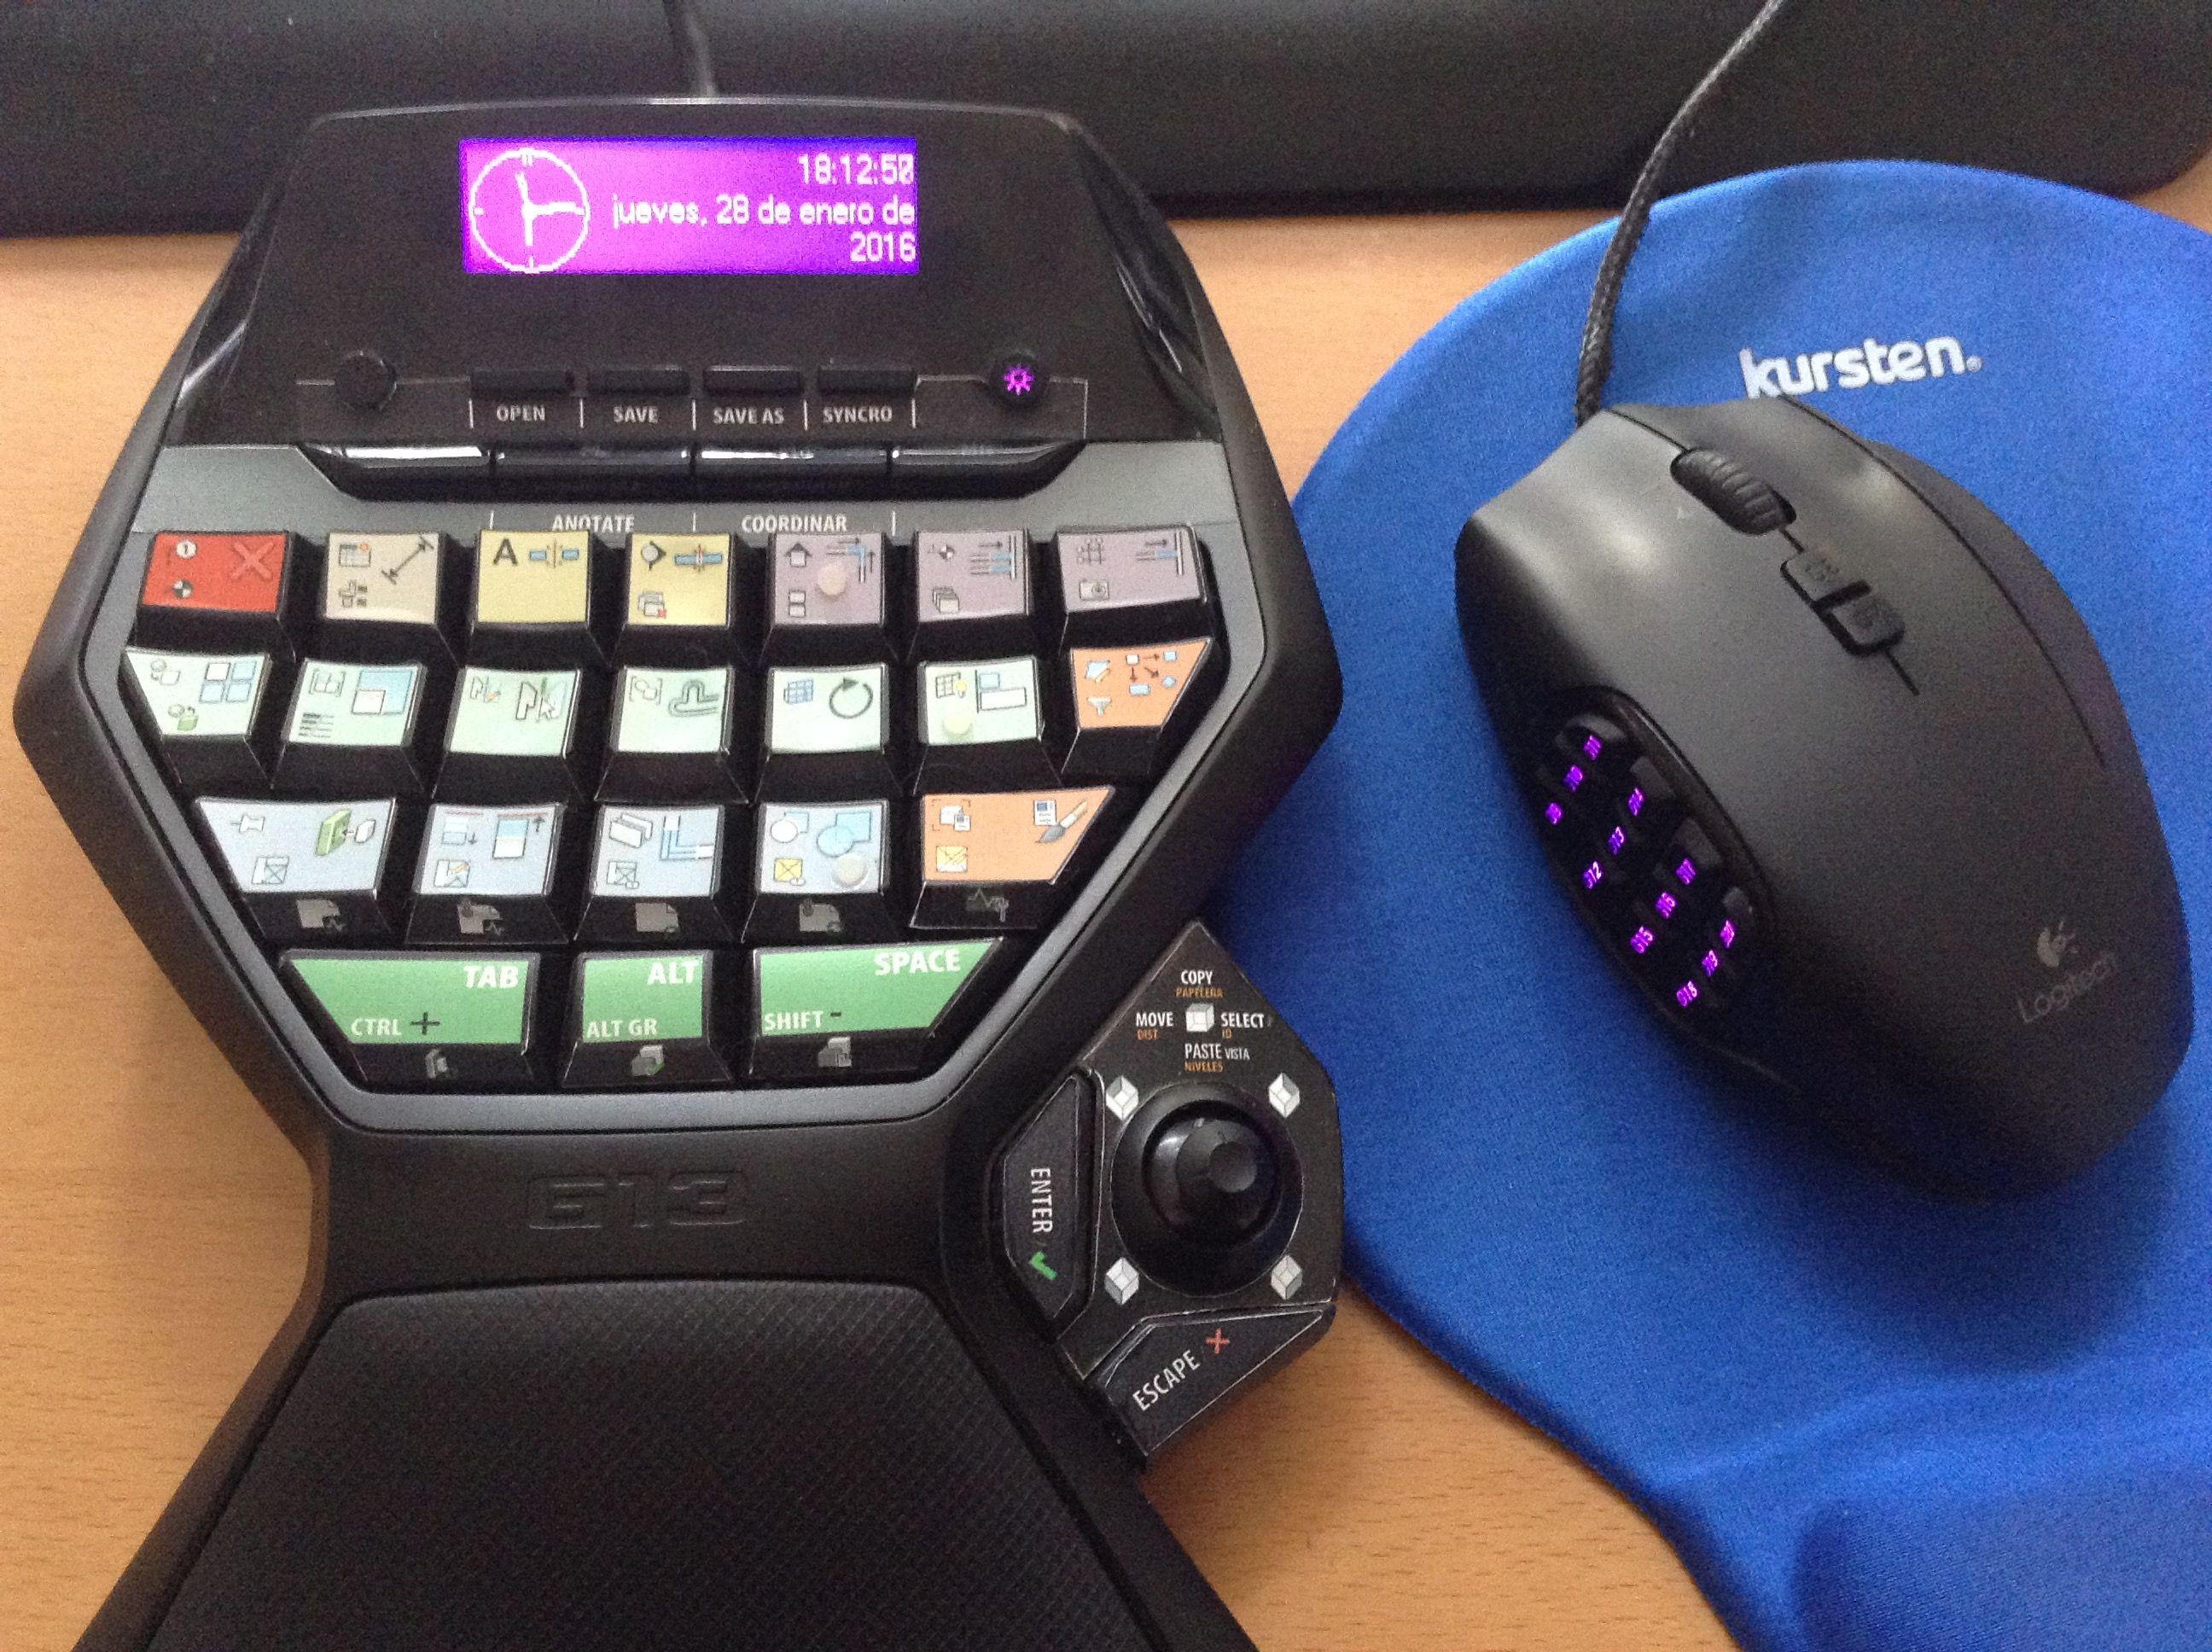 REVIT LOGITECH G13 G600 speedpad | Keyboards in 2019